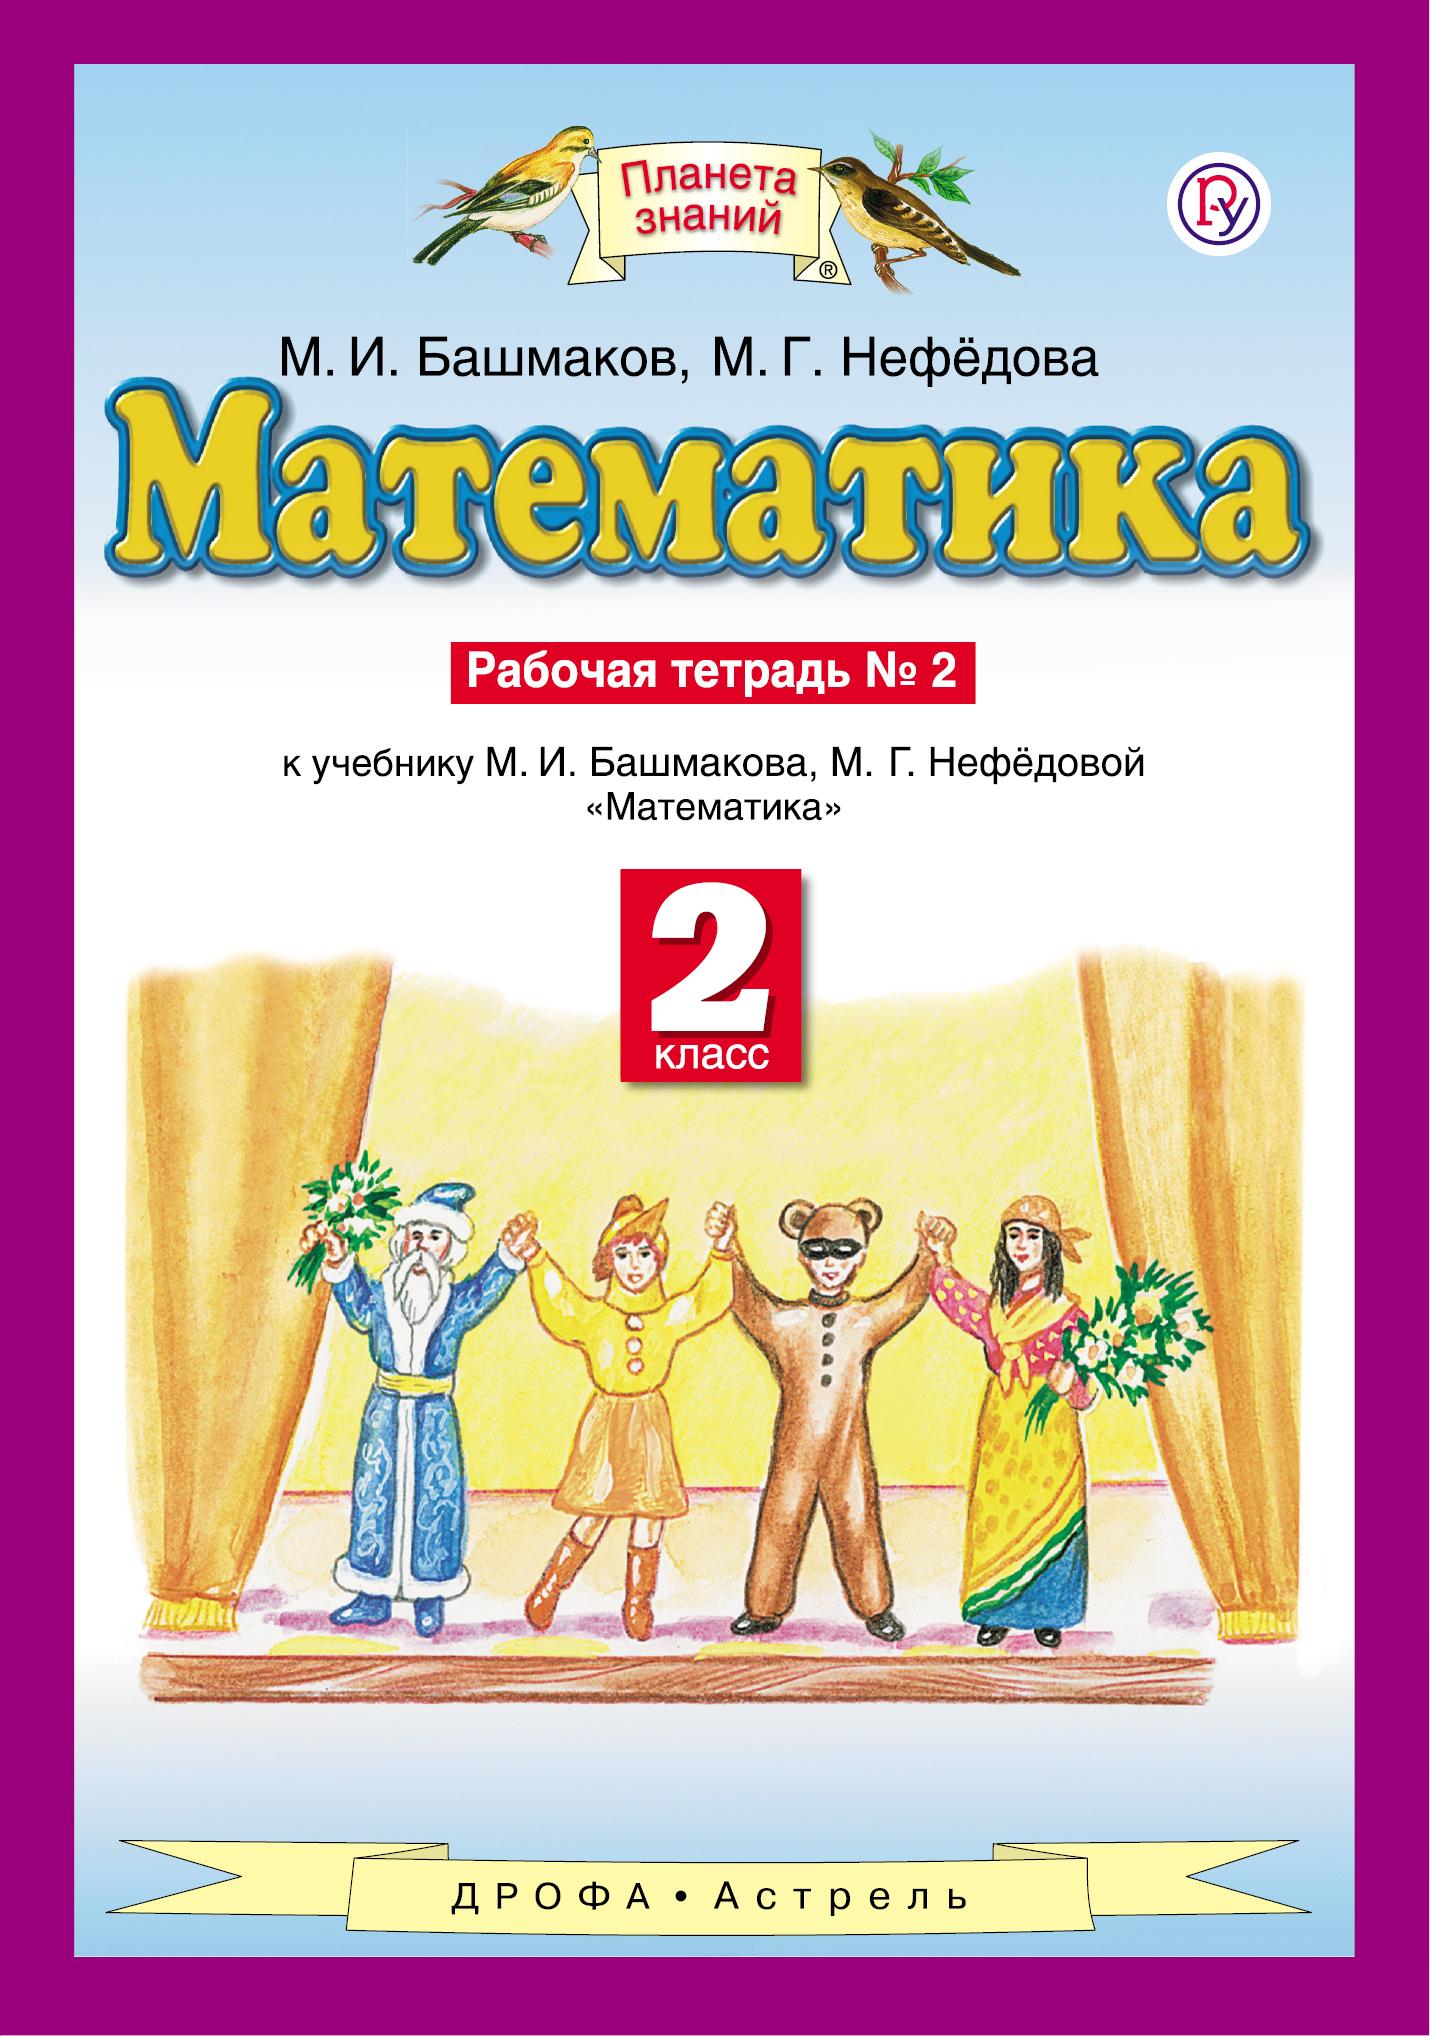 цена на М. И. Башмаков, М. Г. Нефёдова Математика. 2 класс. Рабочая тетрадь № 2 к учебнику М. И. Башмакова, М. Г. Нефёдовой